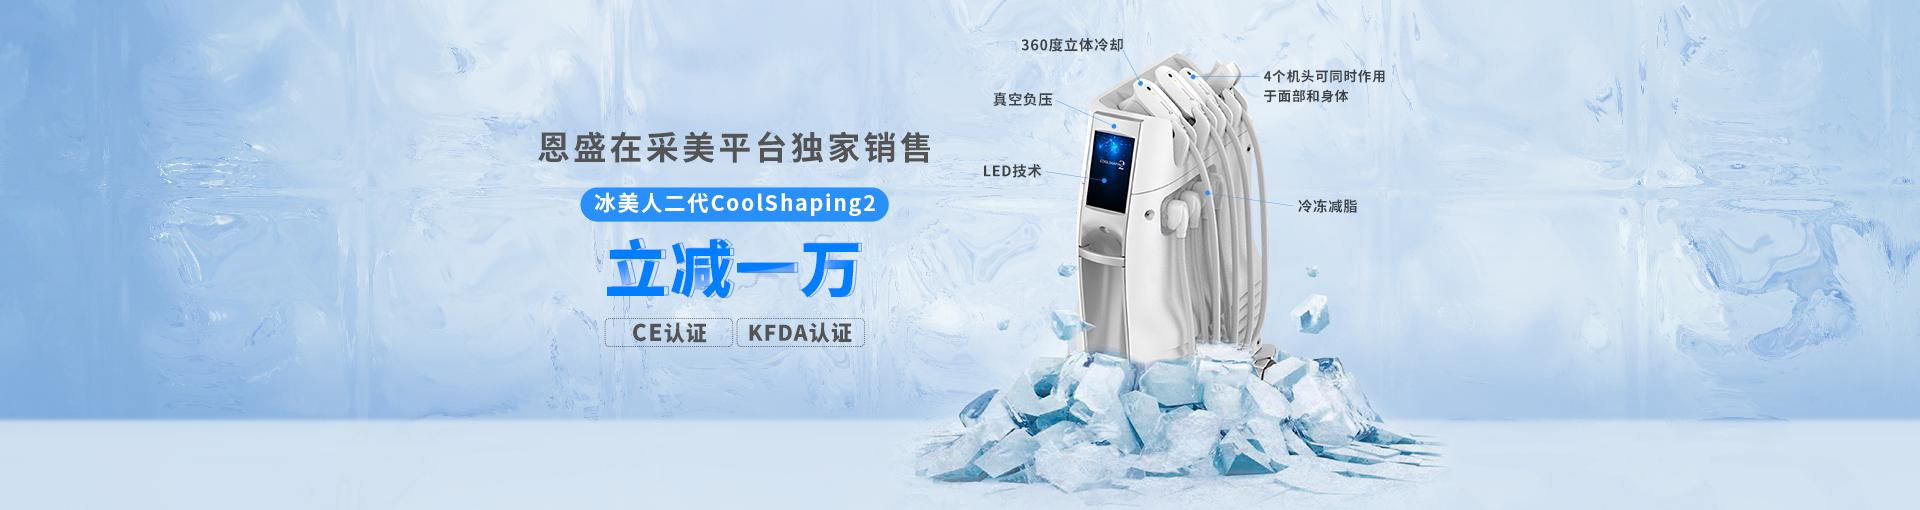 采美独家优惠恩盛国际冰美人二代 CoolShaping2